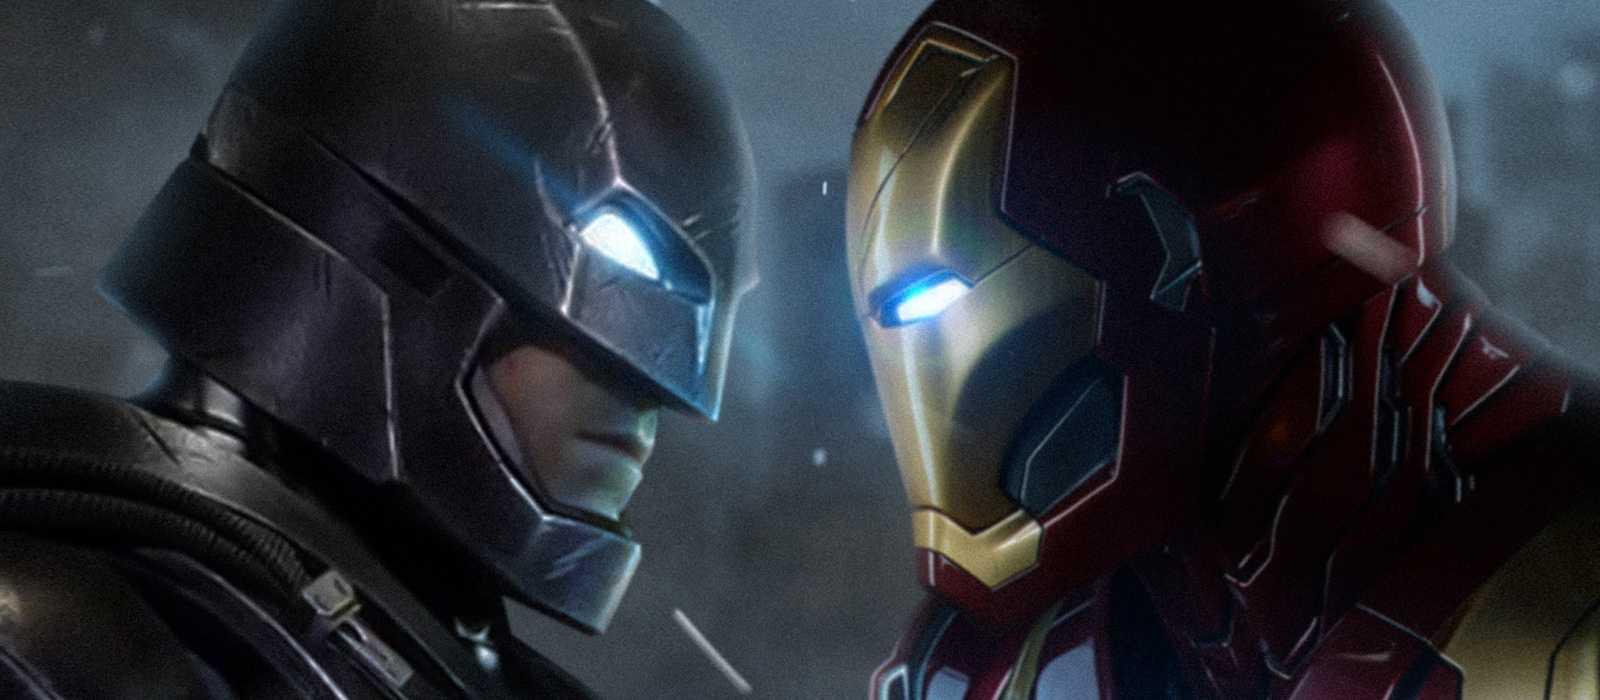 Welcher Superheld ist reicher? Fans haben die Gehälter von Batman, Iron Man und anderen berechnet